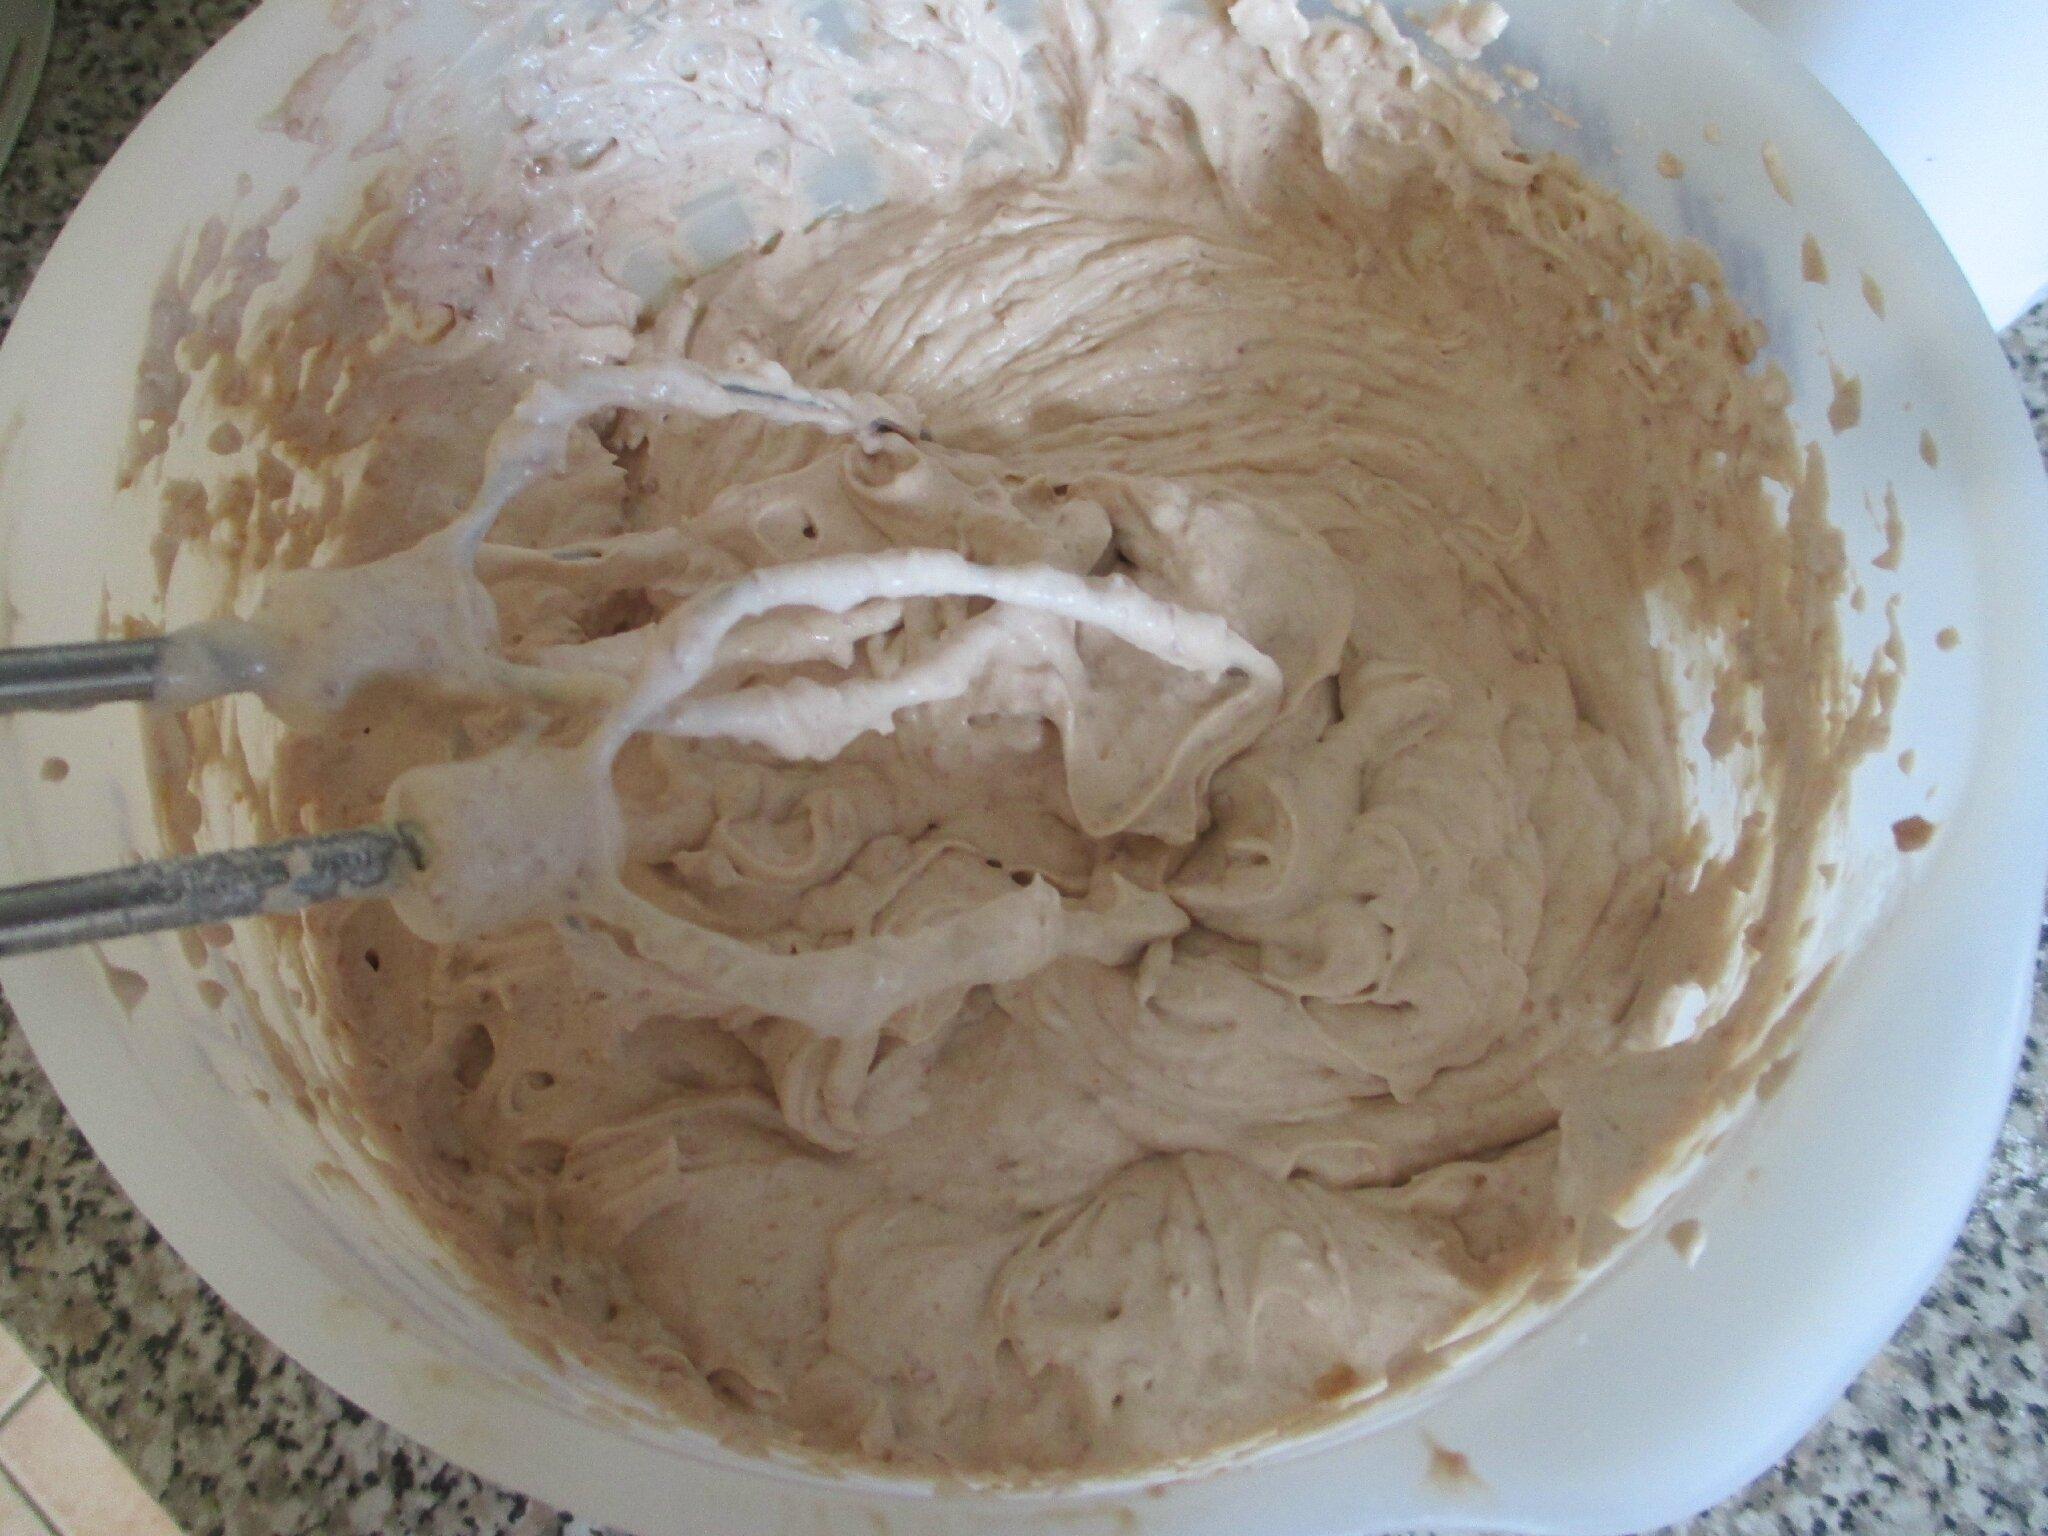 Gateau genoise et creme kinder bueno magourmande - Decoration gateau avec creme chantilly ...